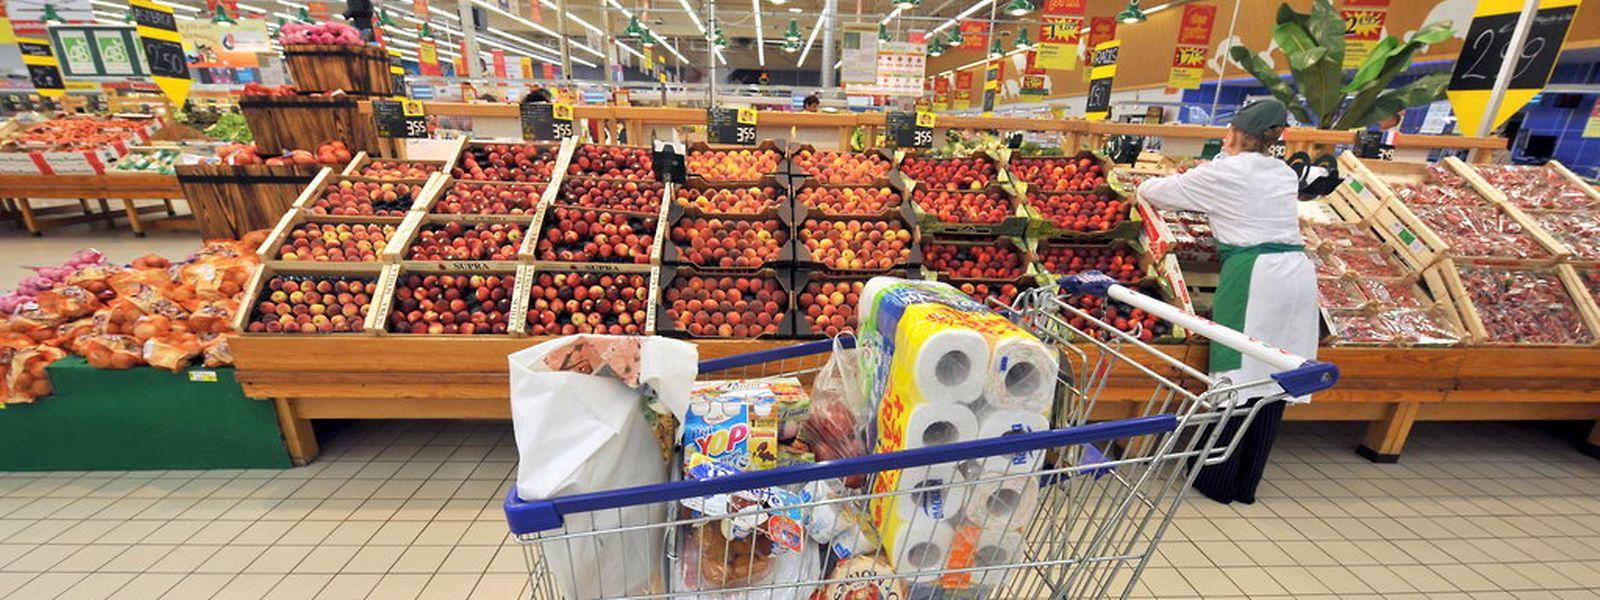 Die jährliche Inflationsrate in Luxemburg betrug im Dezember vergangenen Jahres minus 0,6 Prozent.